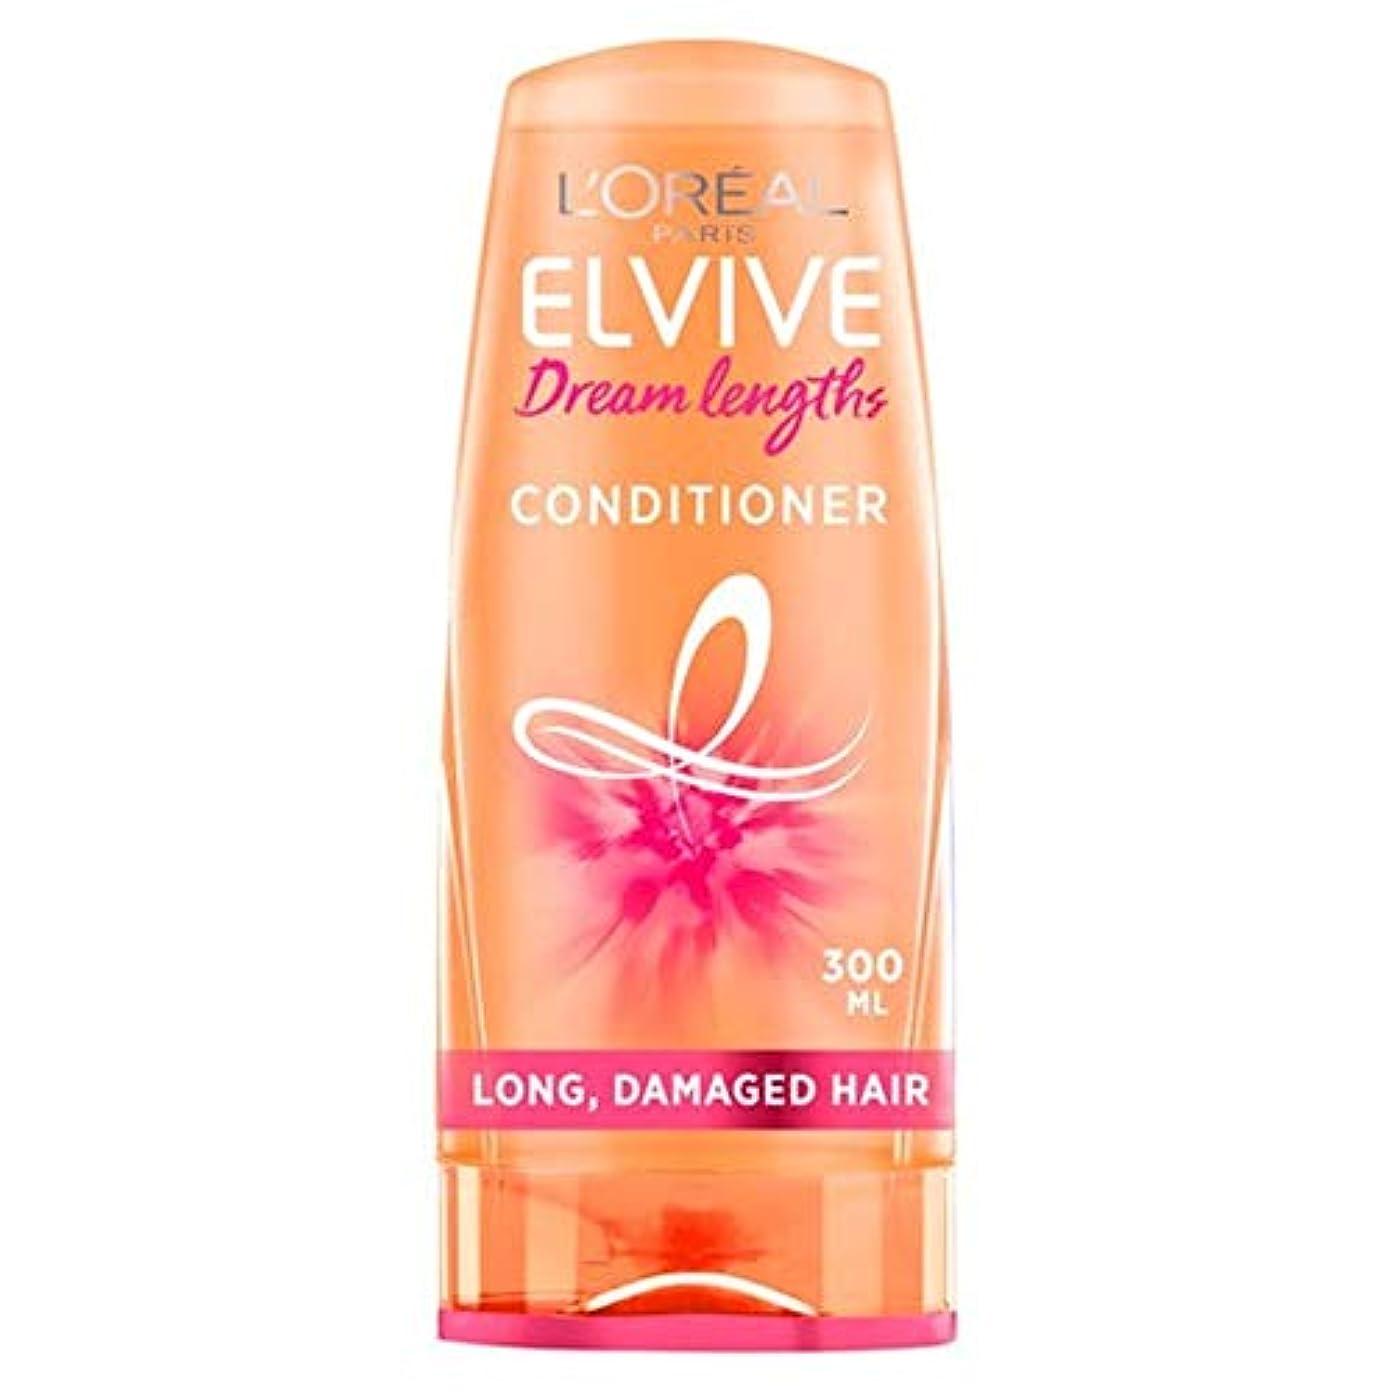 不利シャーロットブロンテ検査[Elvive] ロレアルはElvive長ヘアコンディショナー300ミリリットルの夢 - L'oreal Elvive Dream Lengths Hair Conditioner 300Ml [並行輸入品]